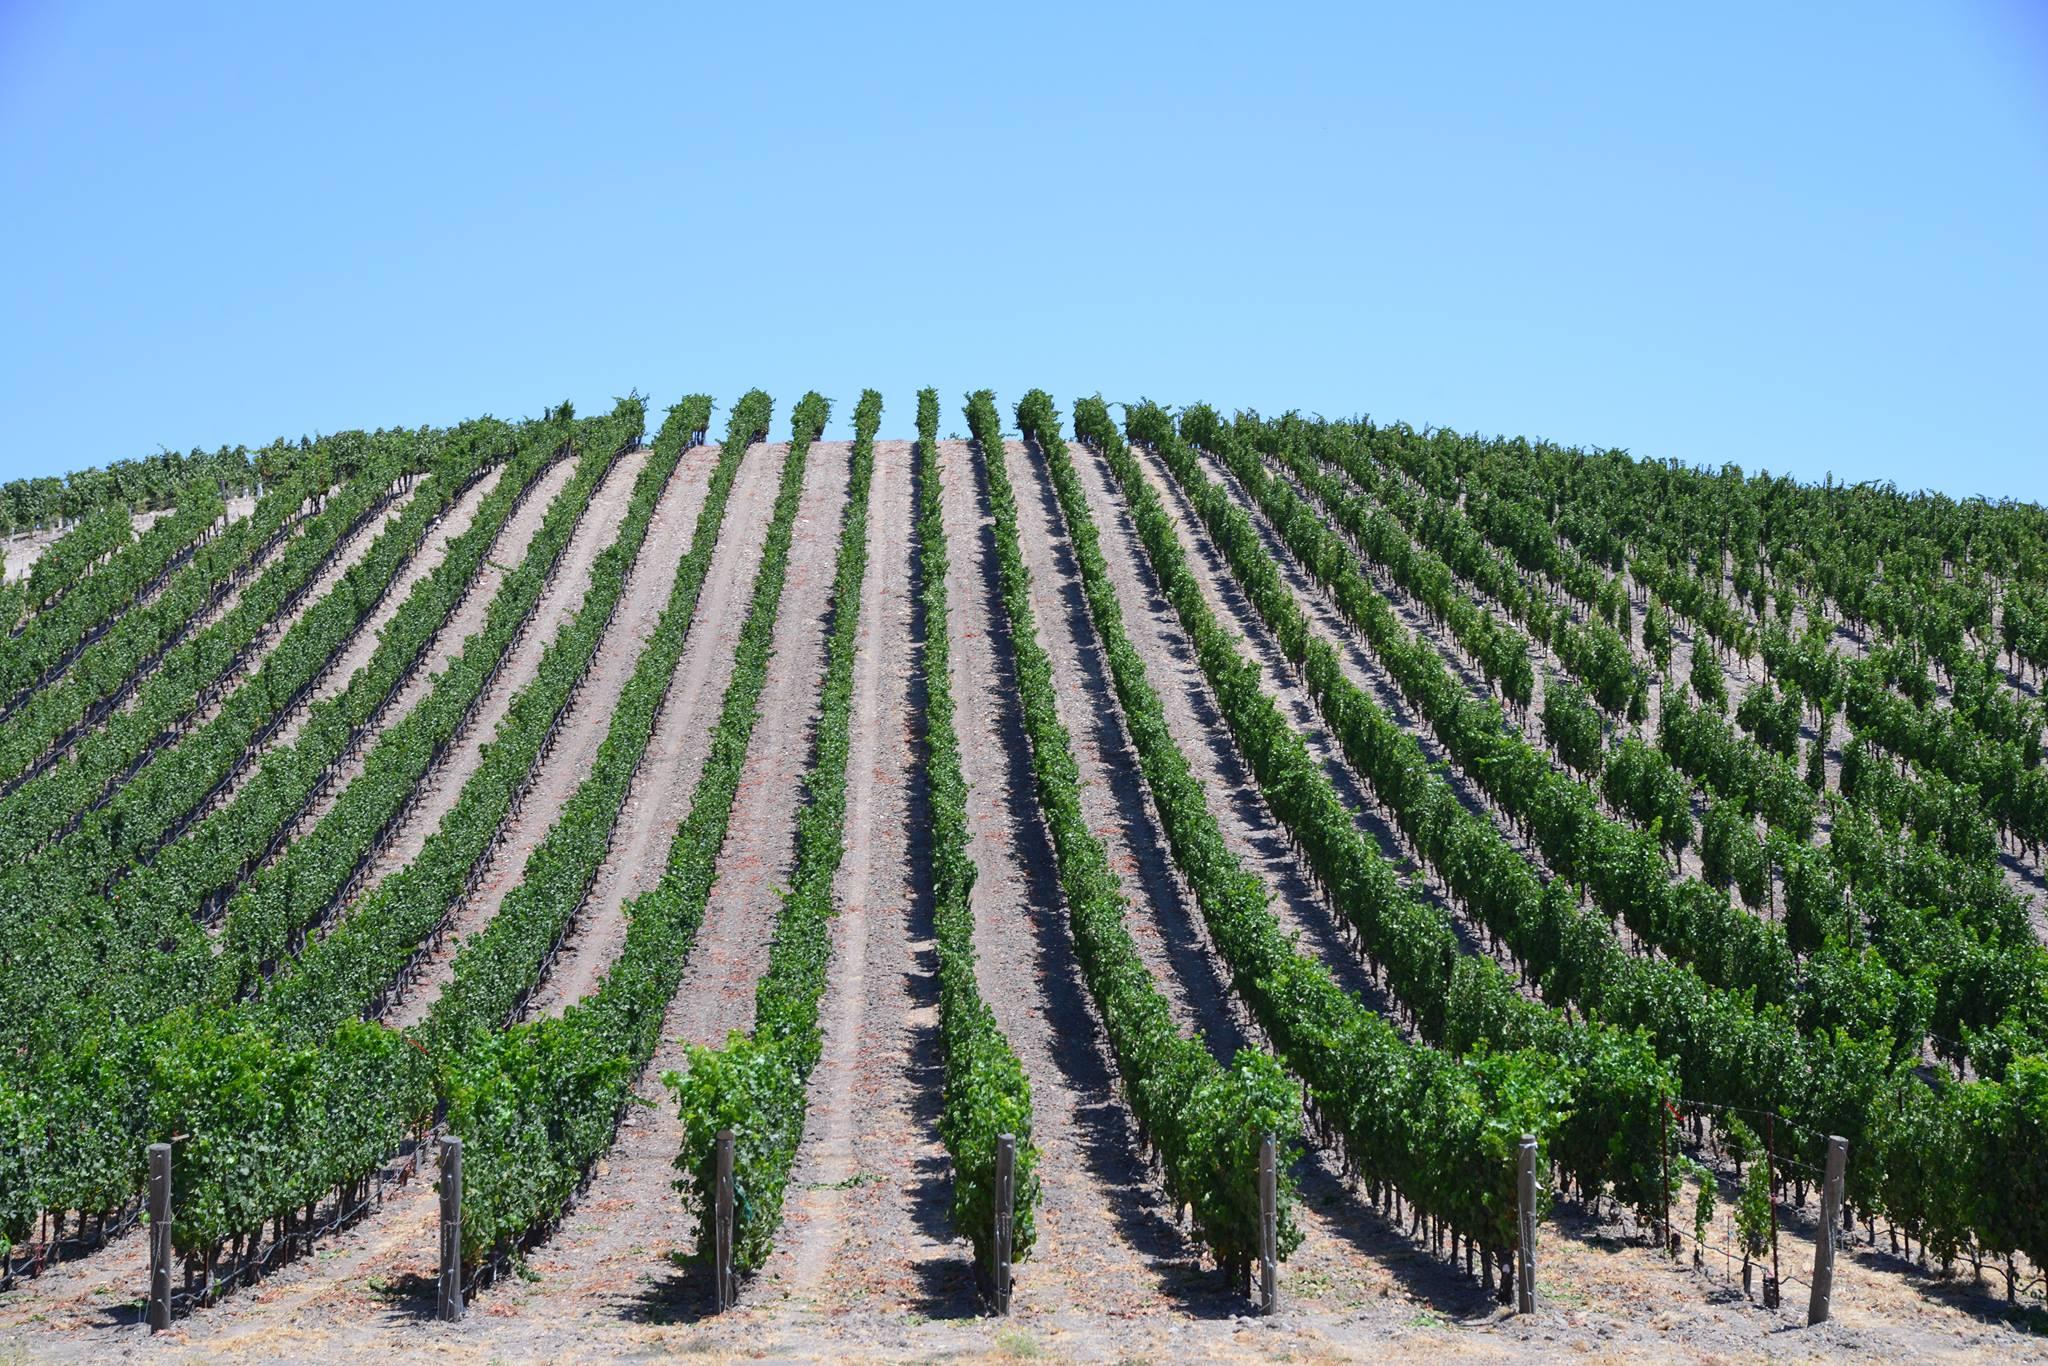 ◆募集中◆ CSW (米国ワイン資格) 受験手続き支援サービス